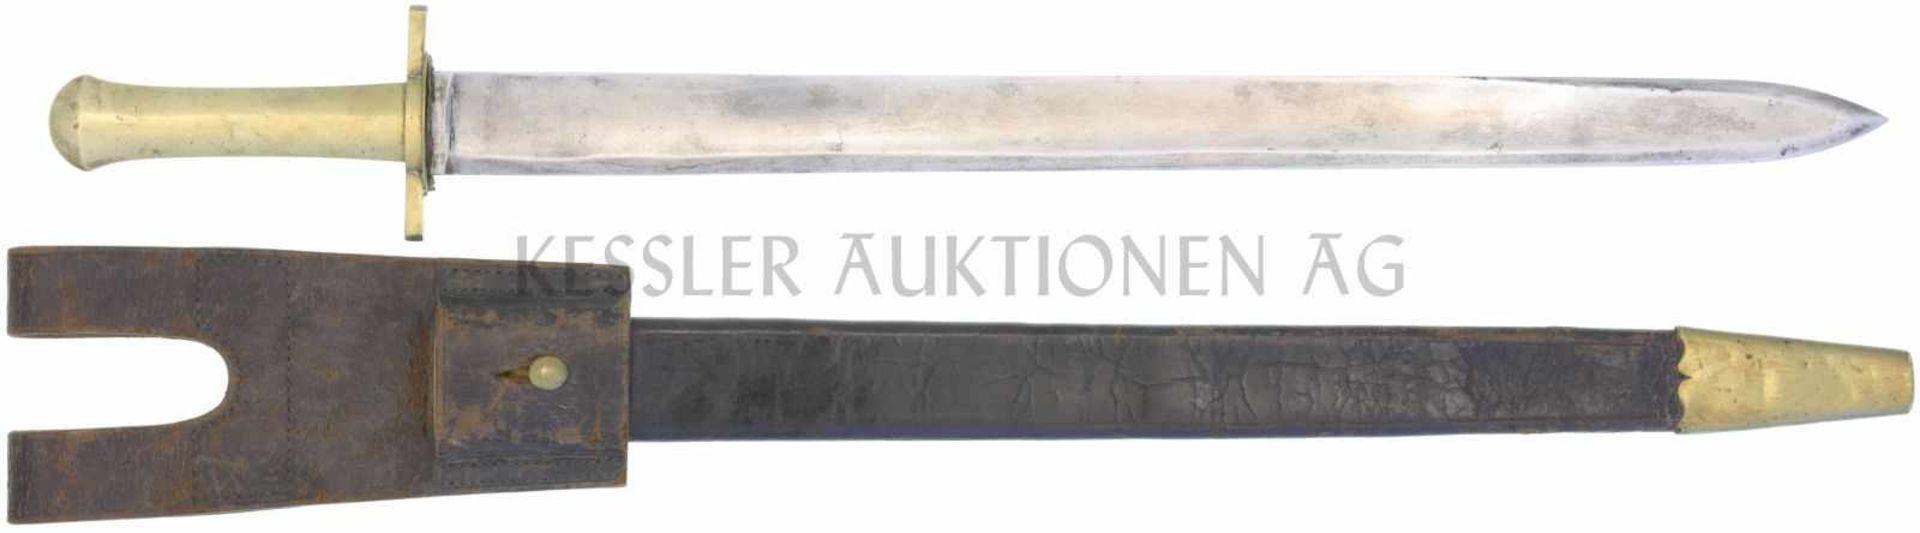 Waidmesser, kant. Ord. um 1830, Scharfschütze KL 540mm, TL 675mm, gerade Klinge, volle Wurzel,